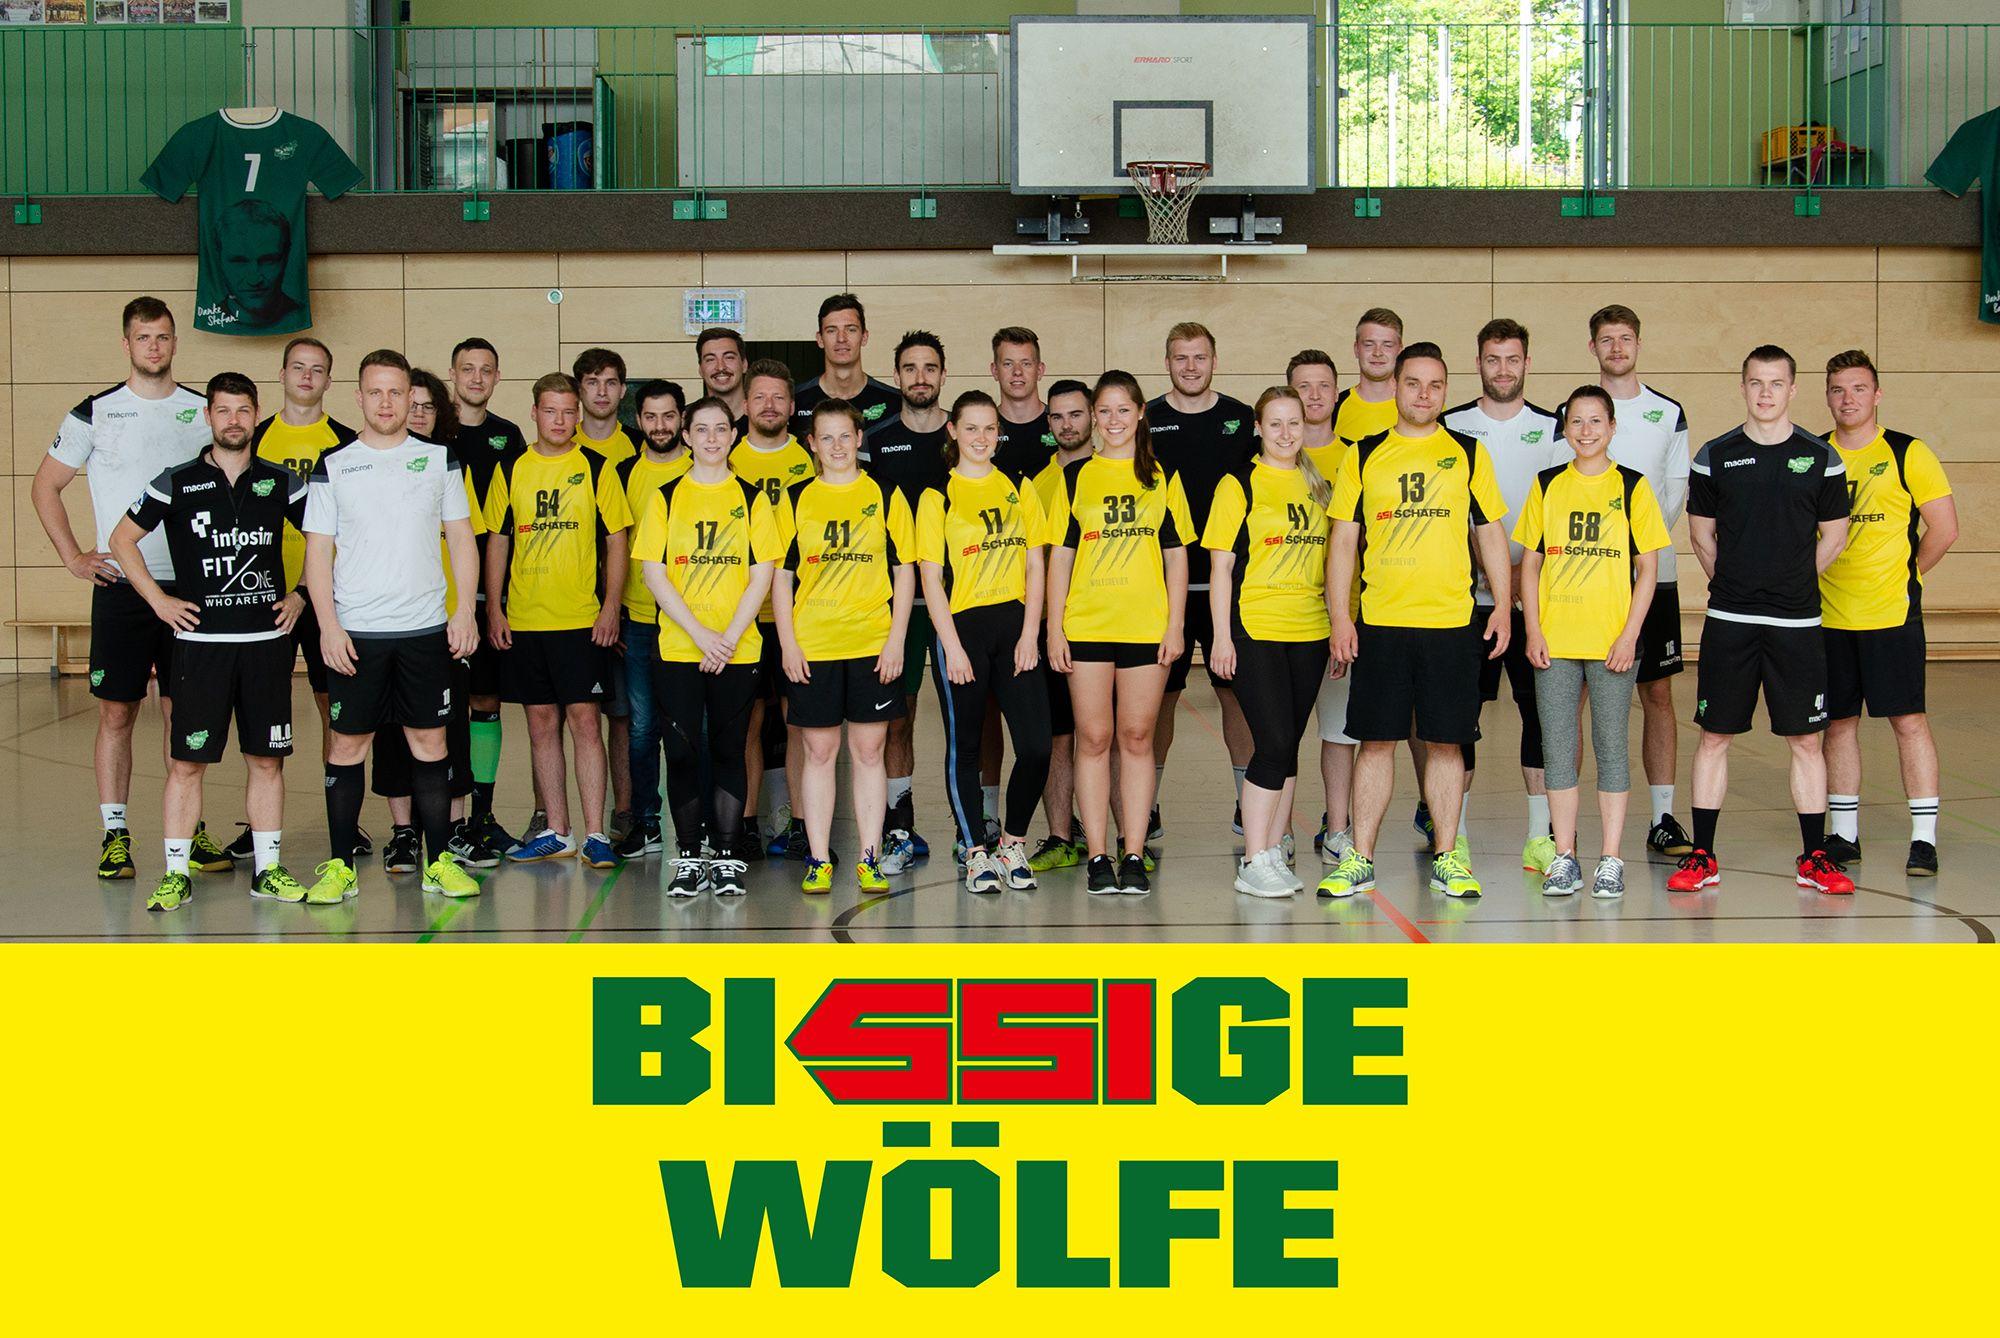 02-Wölfe_Azubis_Gruppe_mit_Logo_2000px